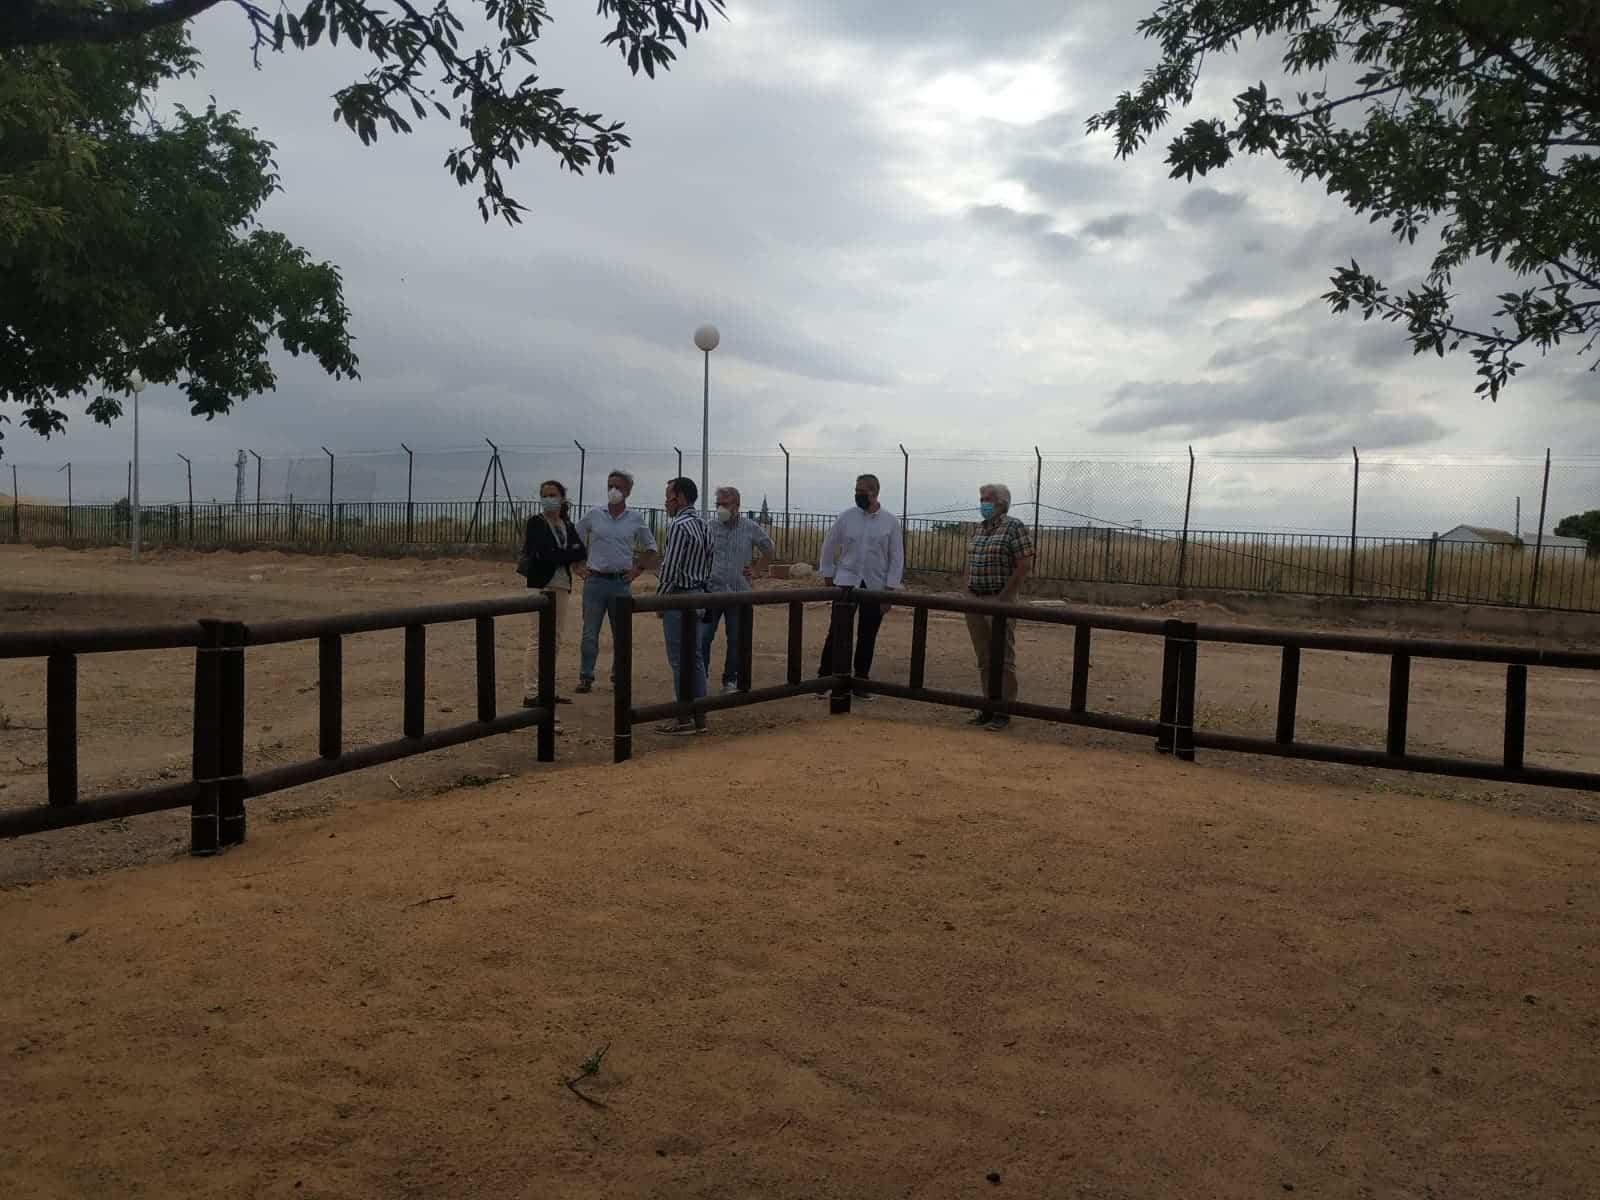 zona acceso Quhesalia silo - El Centro de Interpretación del Queso herenciano abrirá en próximo año